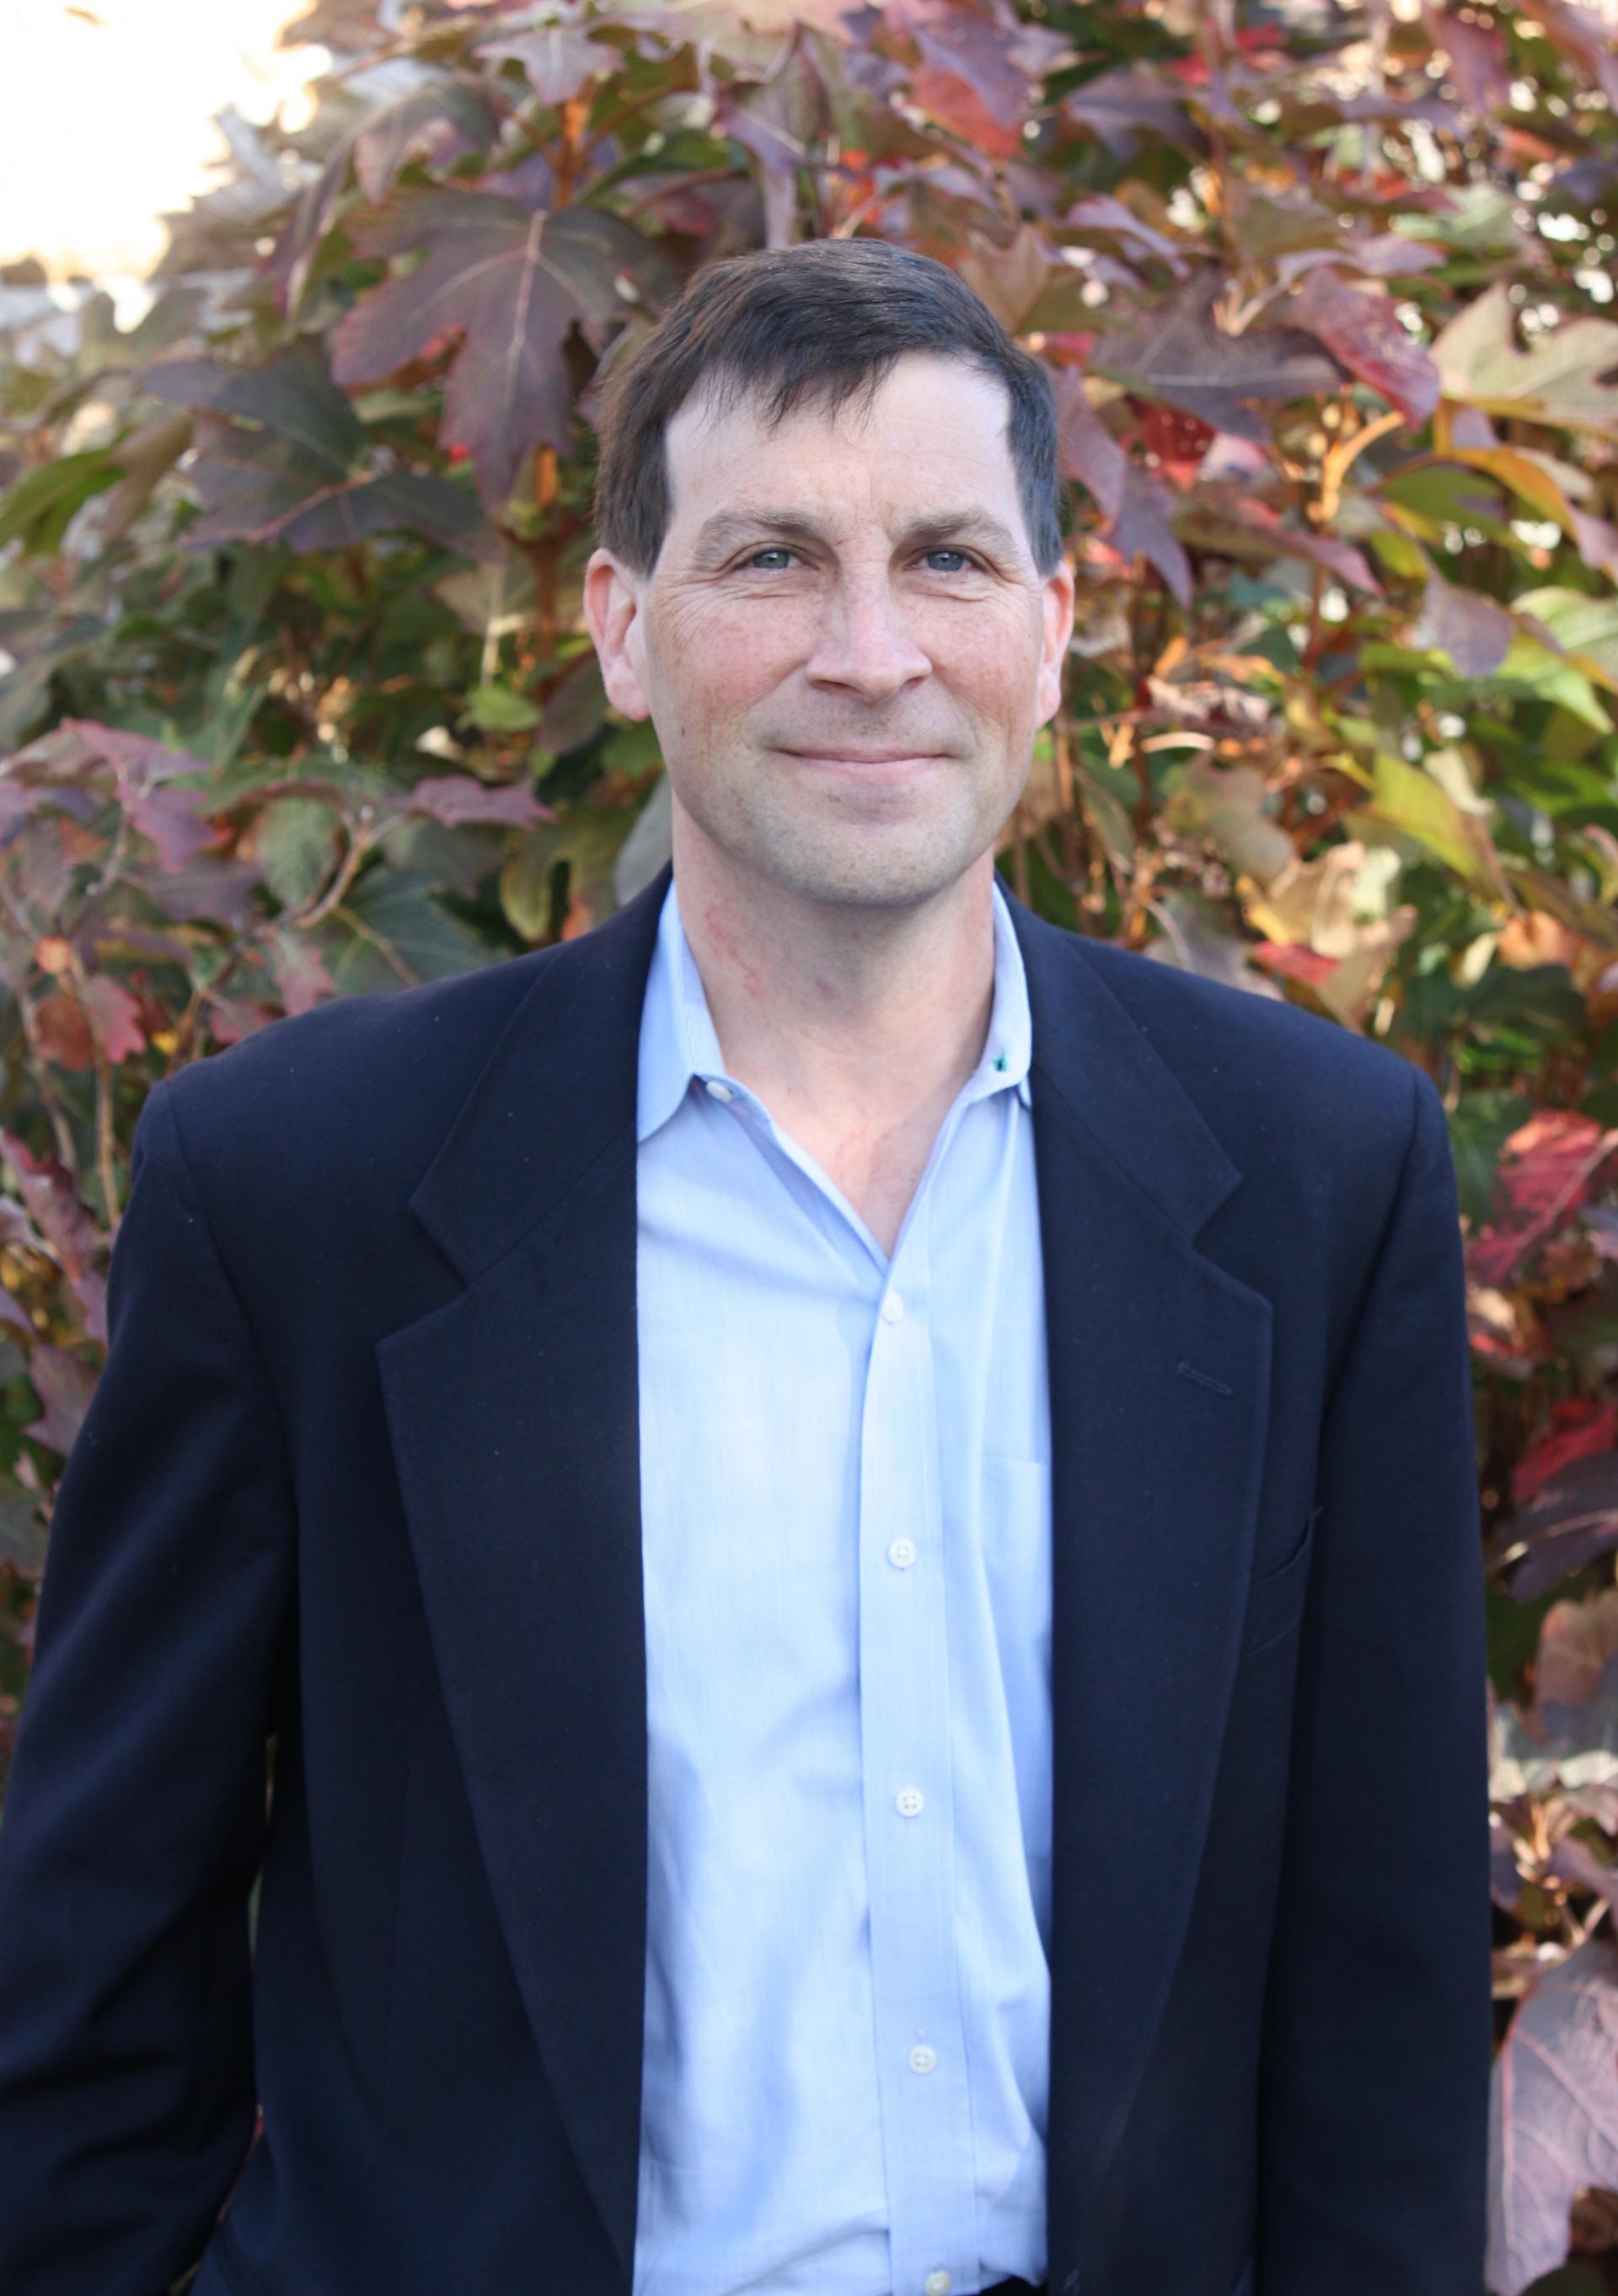 Casey Sclar, Executive Director of the American Public Gardens Association